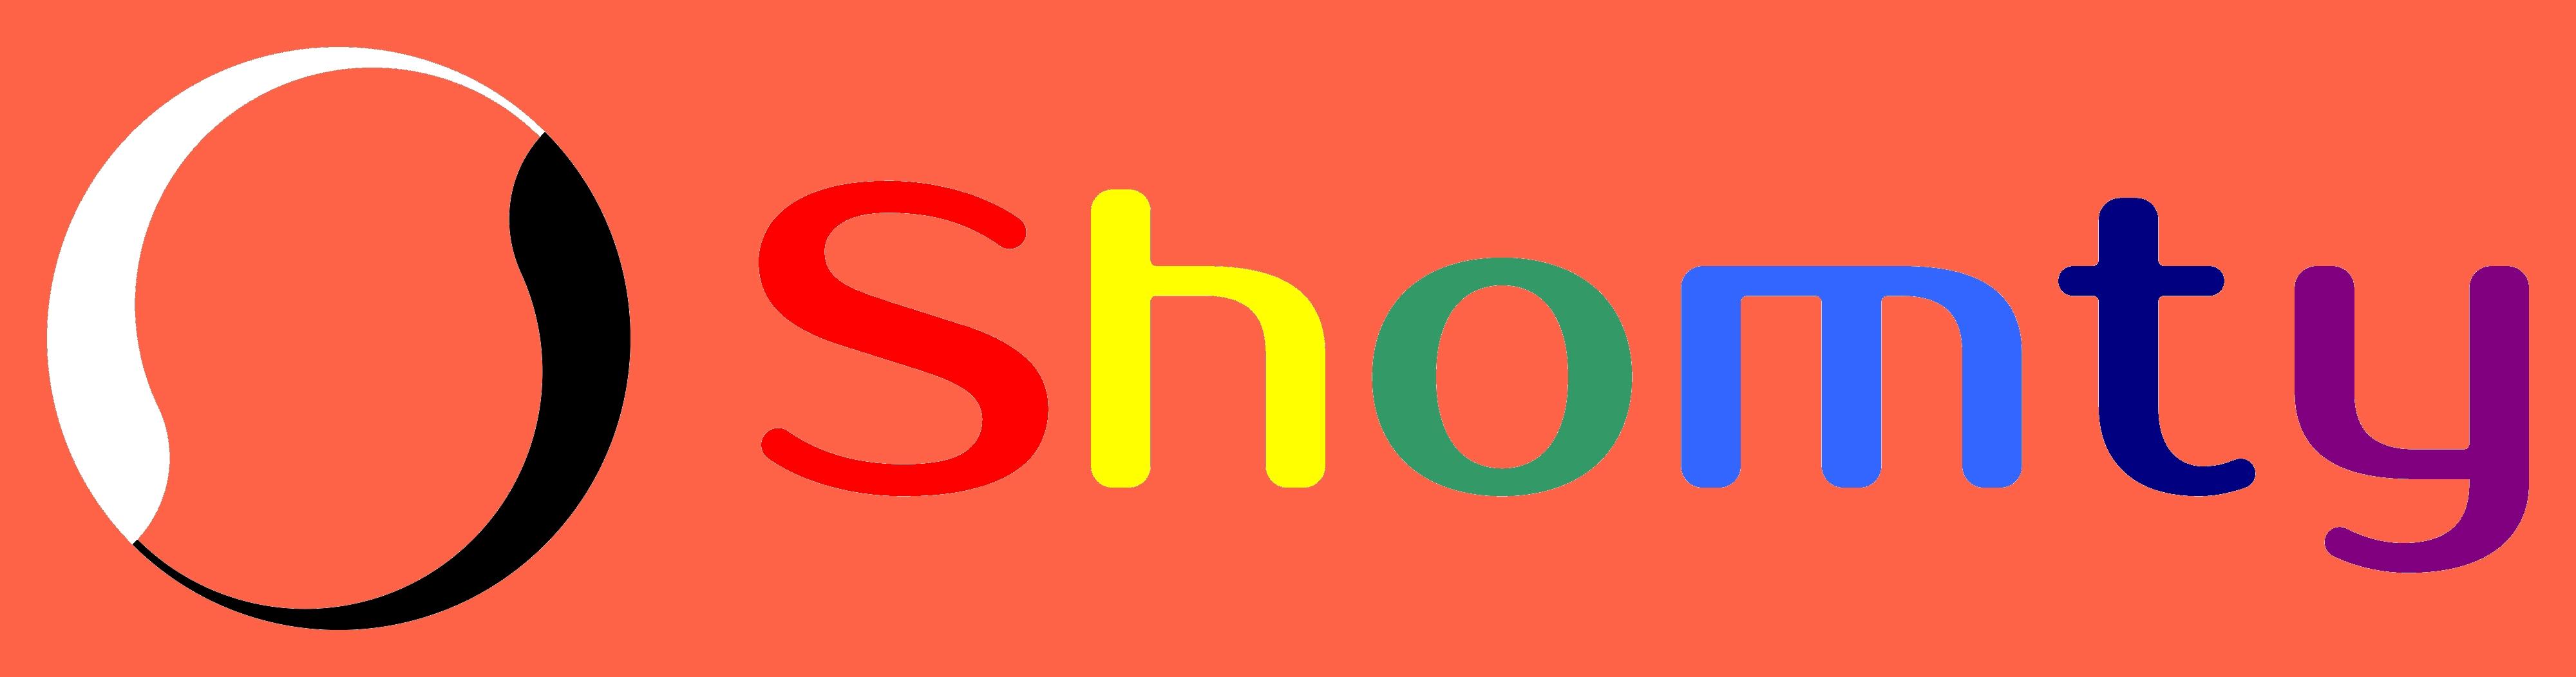 Shomty.com